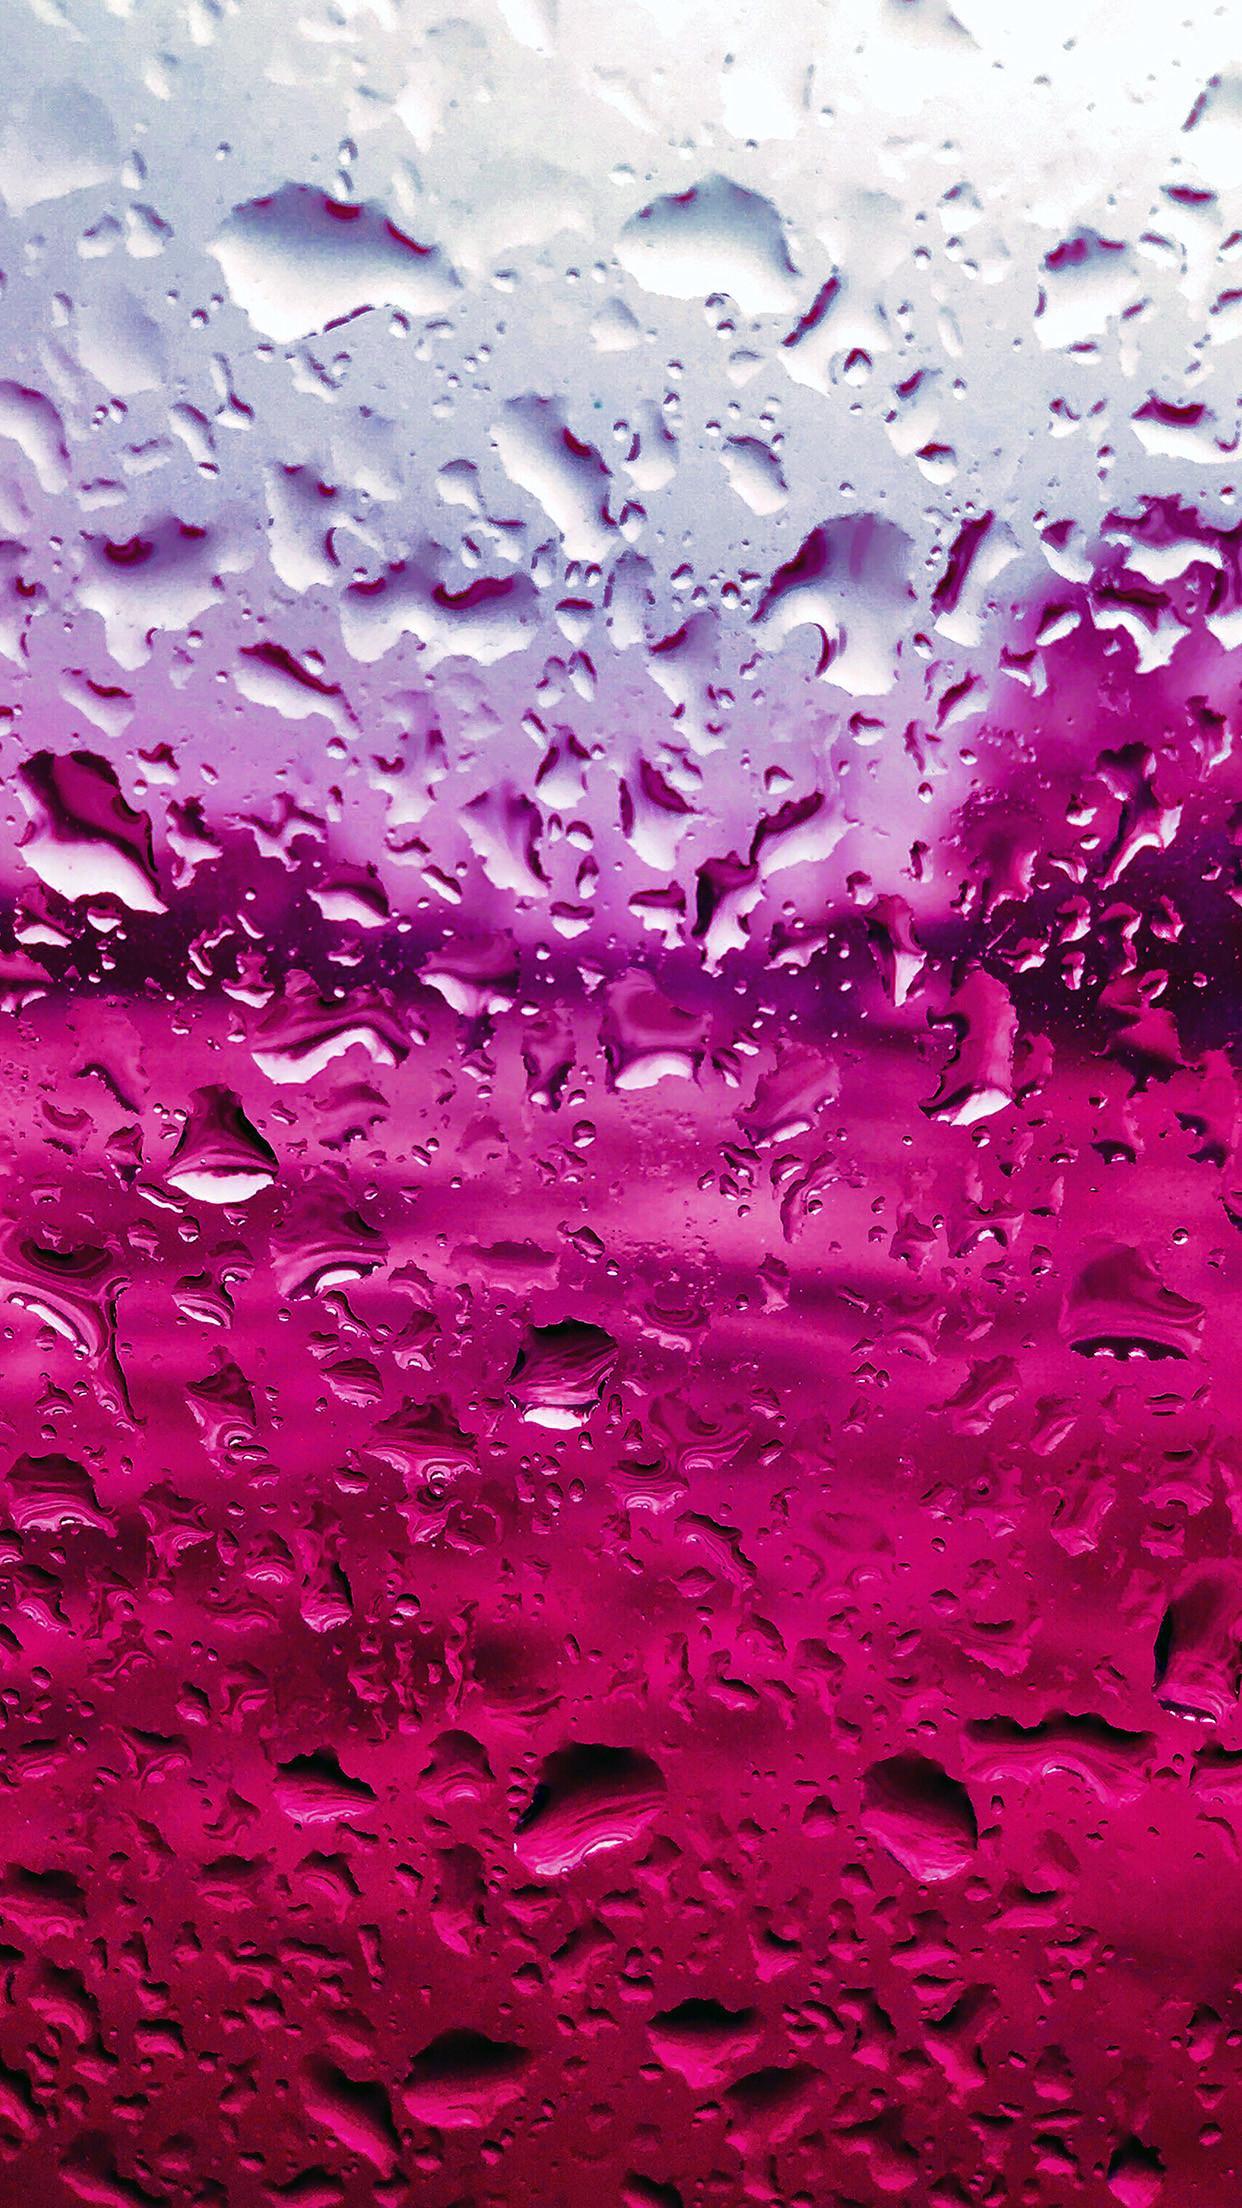 Res: 1242x2208, vr70-rain-drop-window-red-pattern